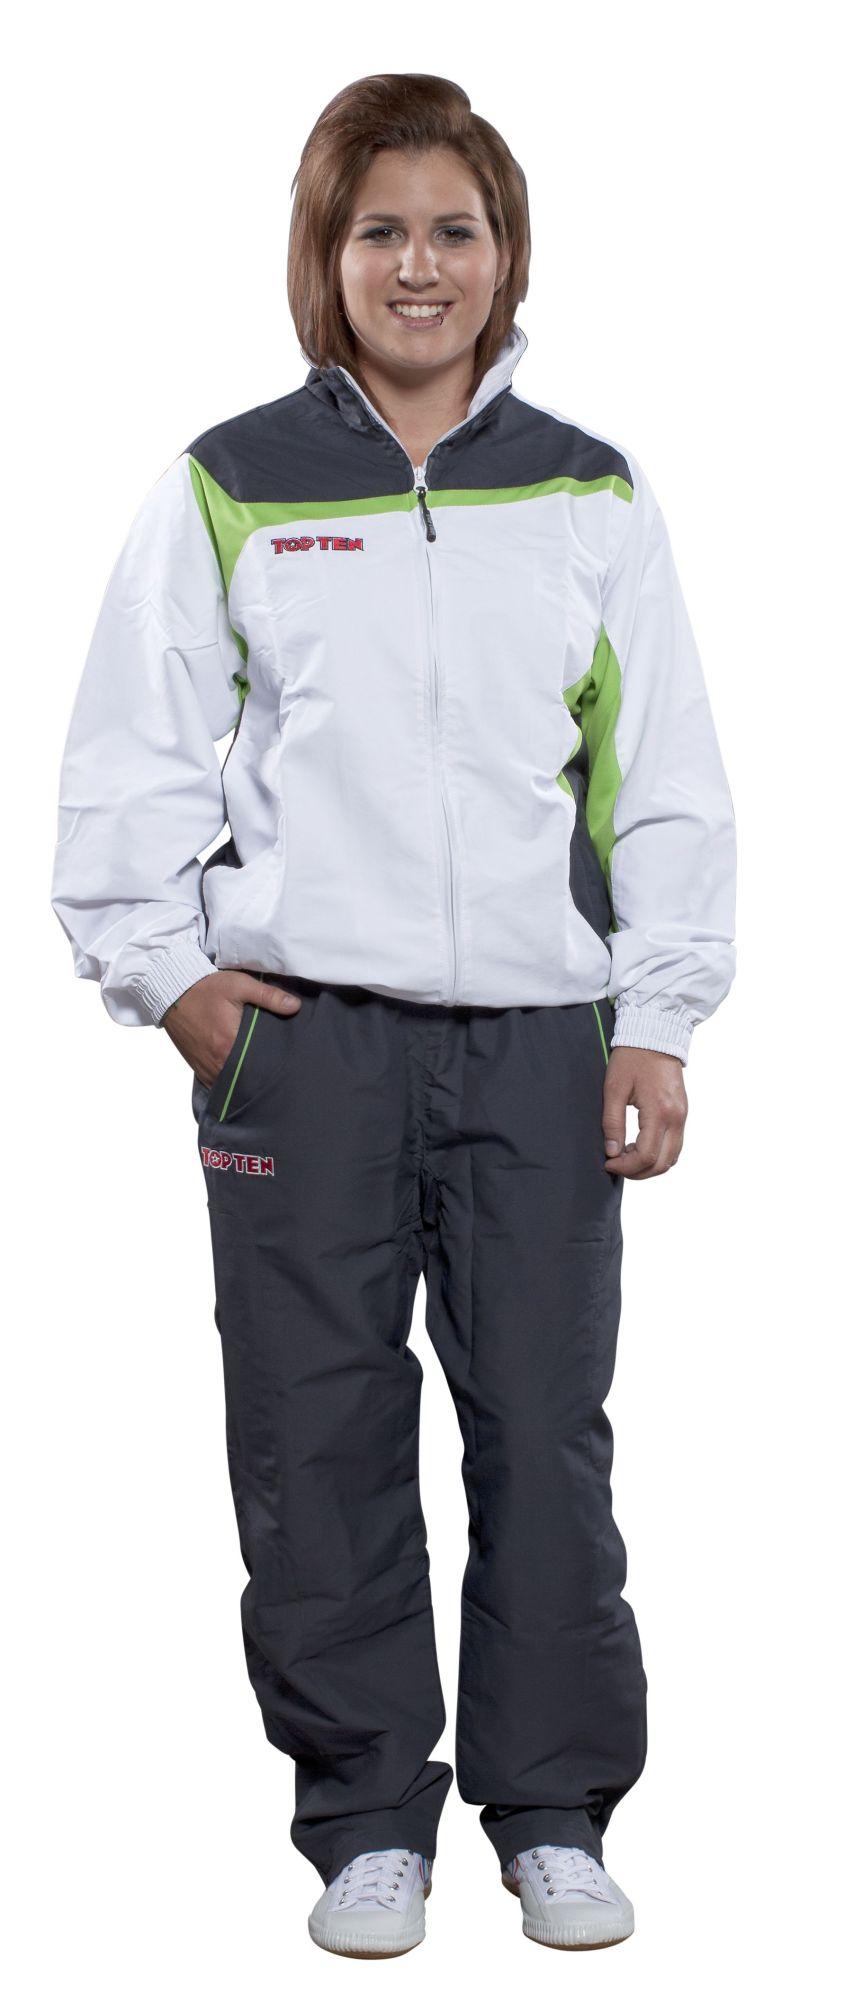 """TOP TEN Trainingspak """"Premium Class"""" met zwarte broek voor kinderen Wit - Groen"""